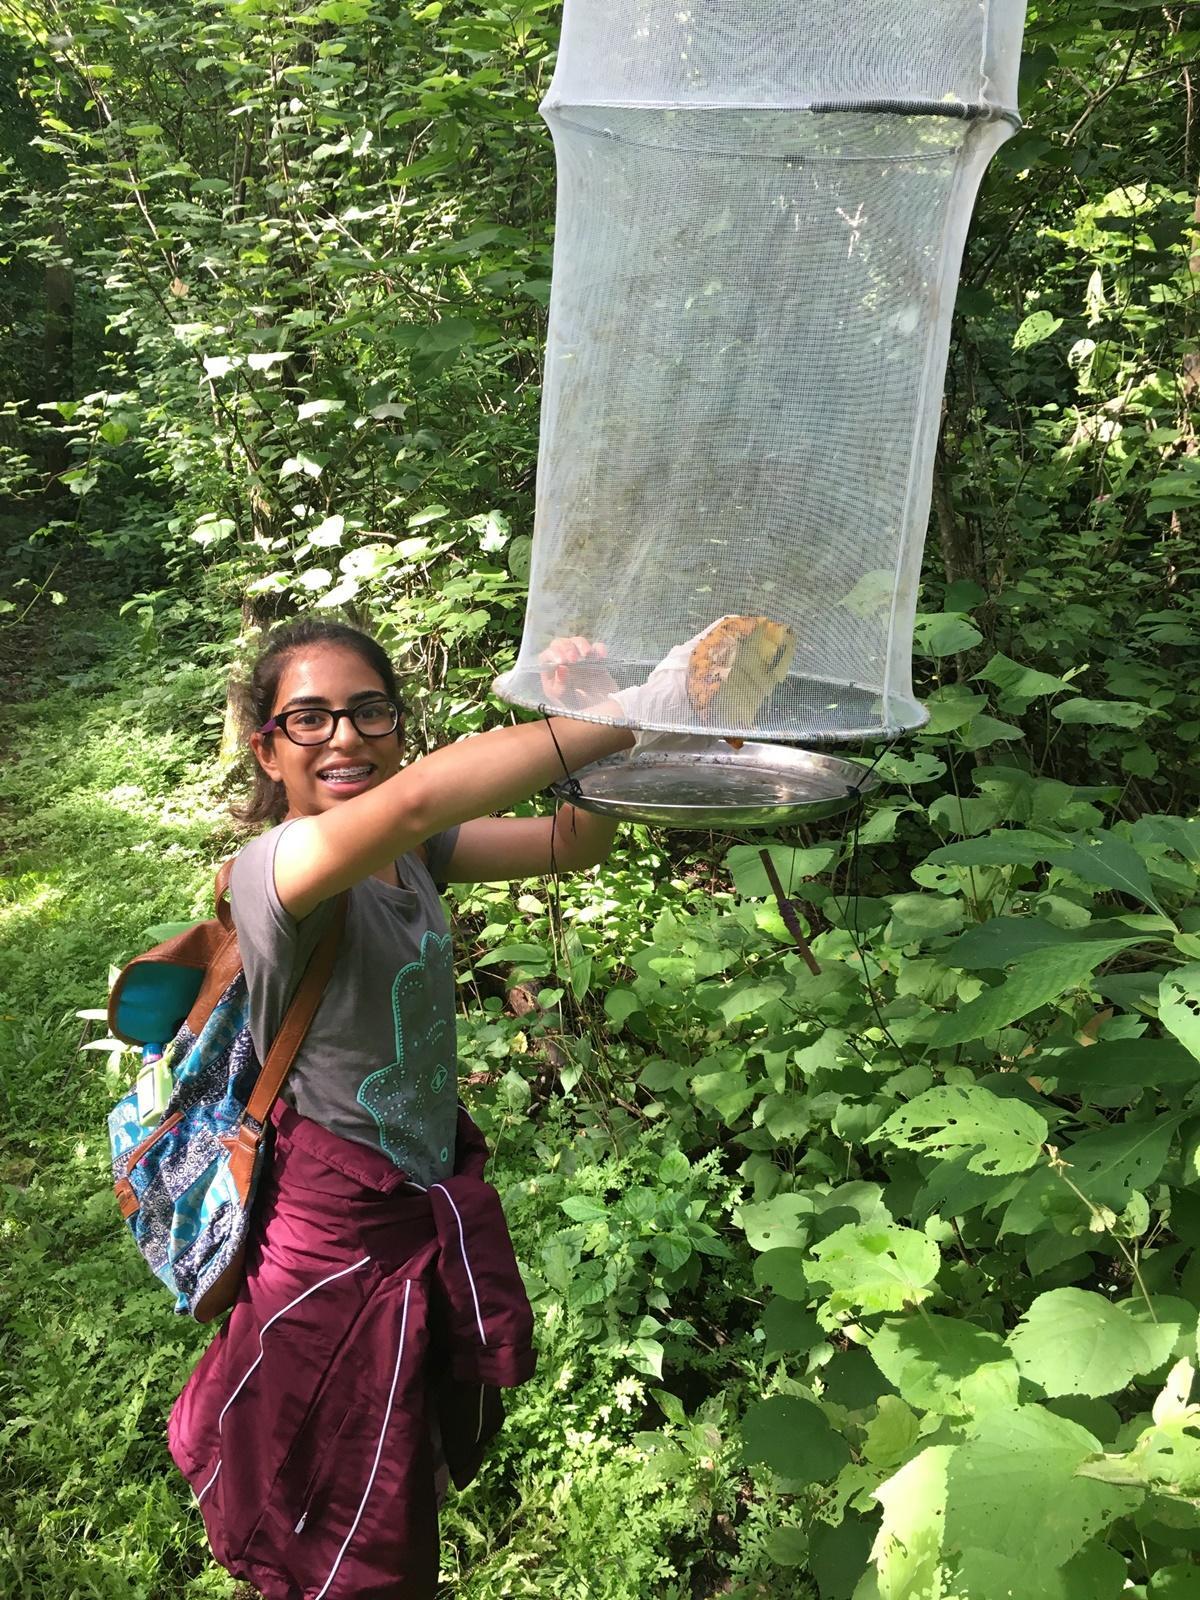 環保志工在哥斯達黎加捕捉和觀察蝴蝶進行記錄